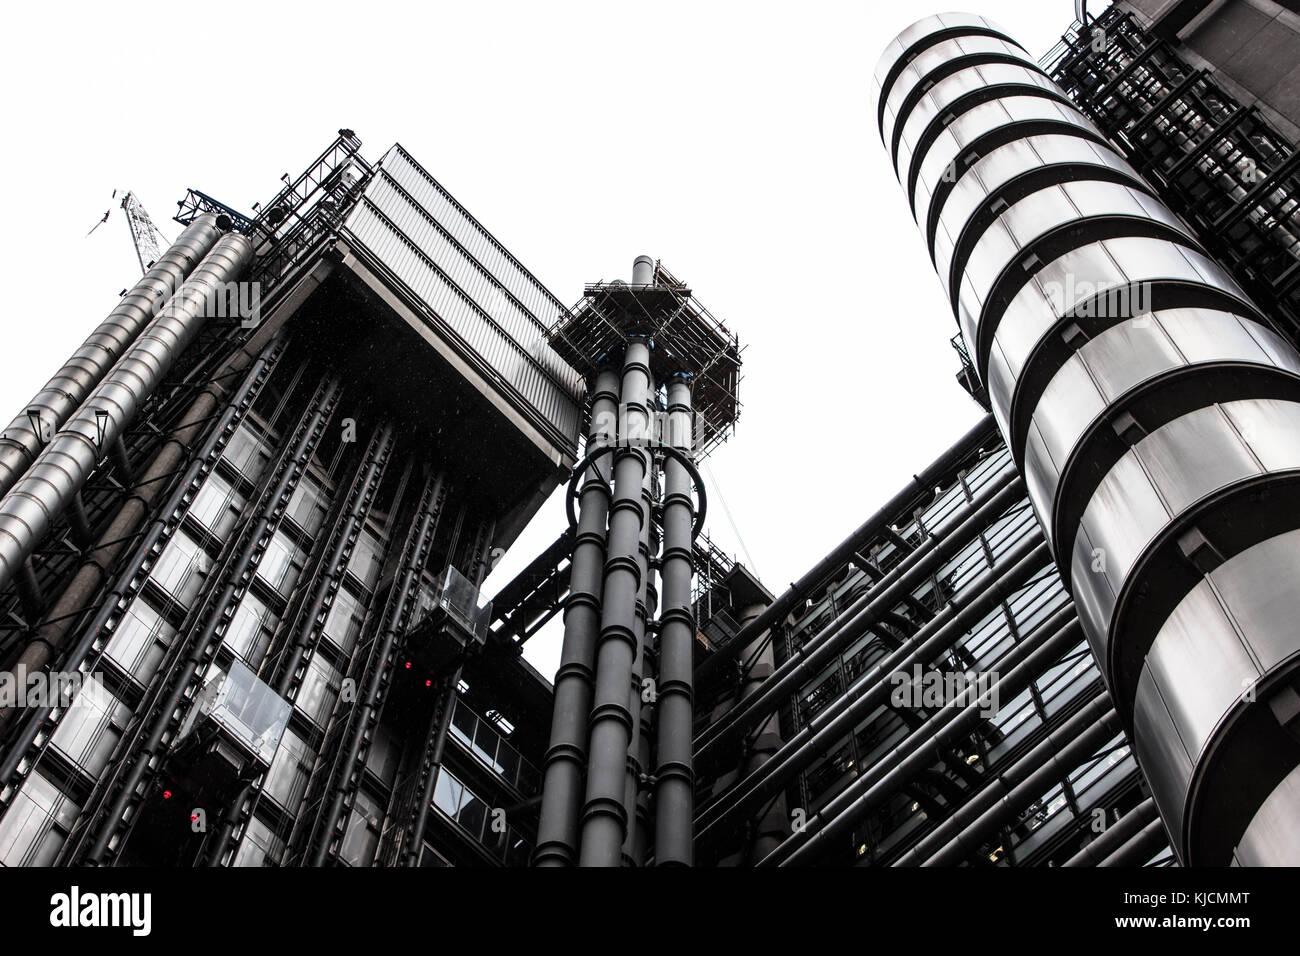 Una vista sobre el edificio Lloyd's inlondon. Con un cielo brillante, podemos ver la complejidad de este impresionante Imagen De Stock